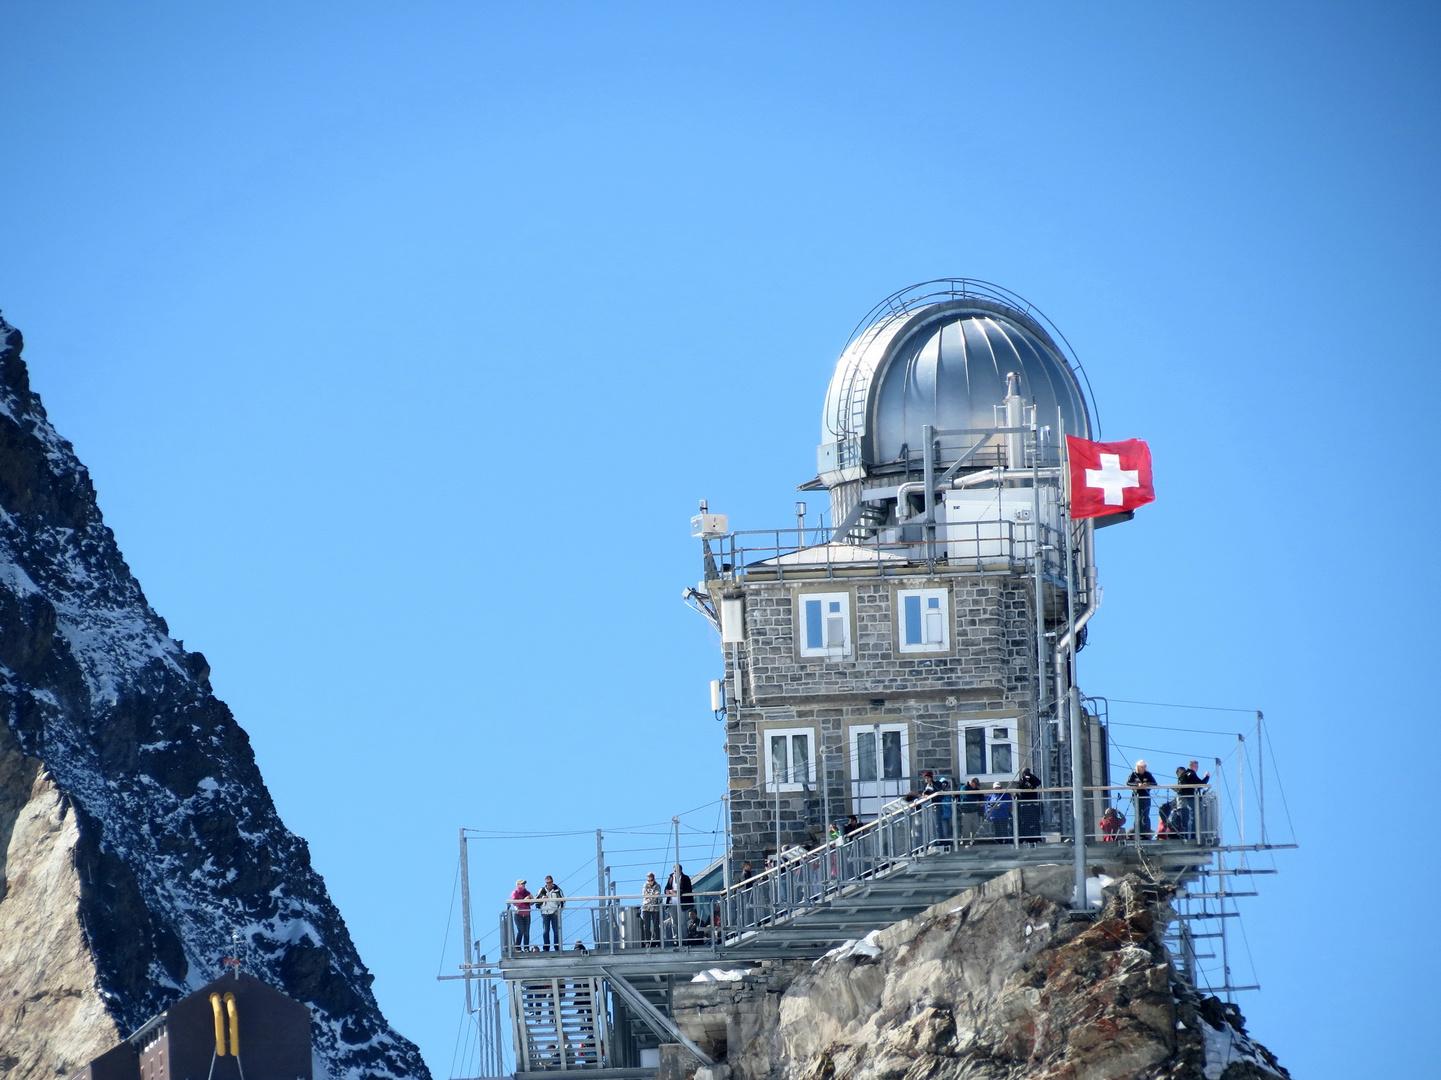 Gitterrost-Aussichts-Plattform der Sphinxausbau Jungfraujoch